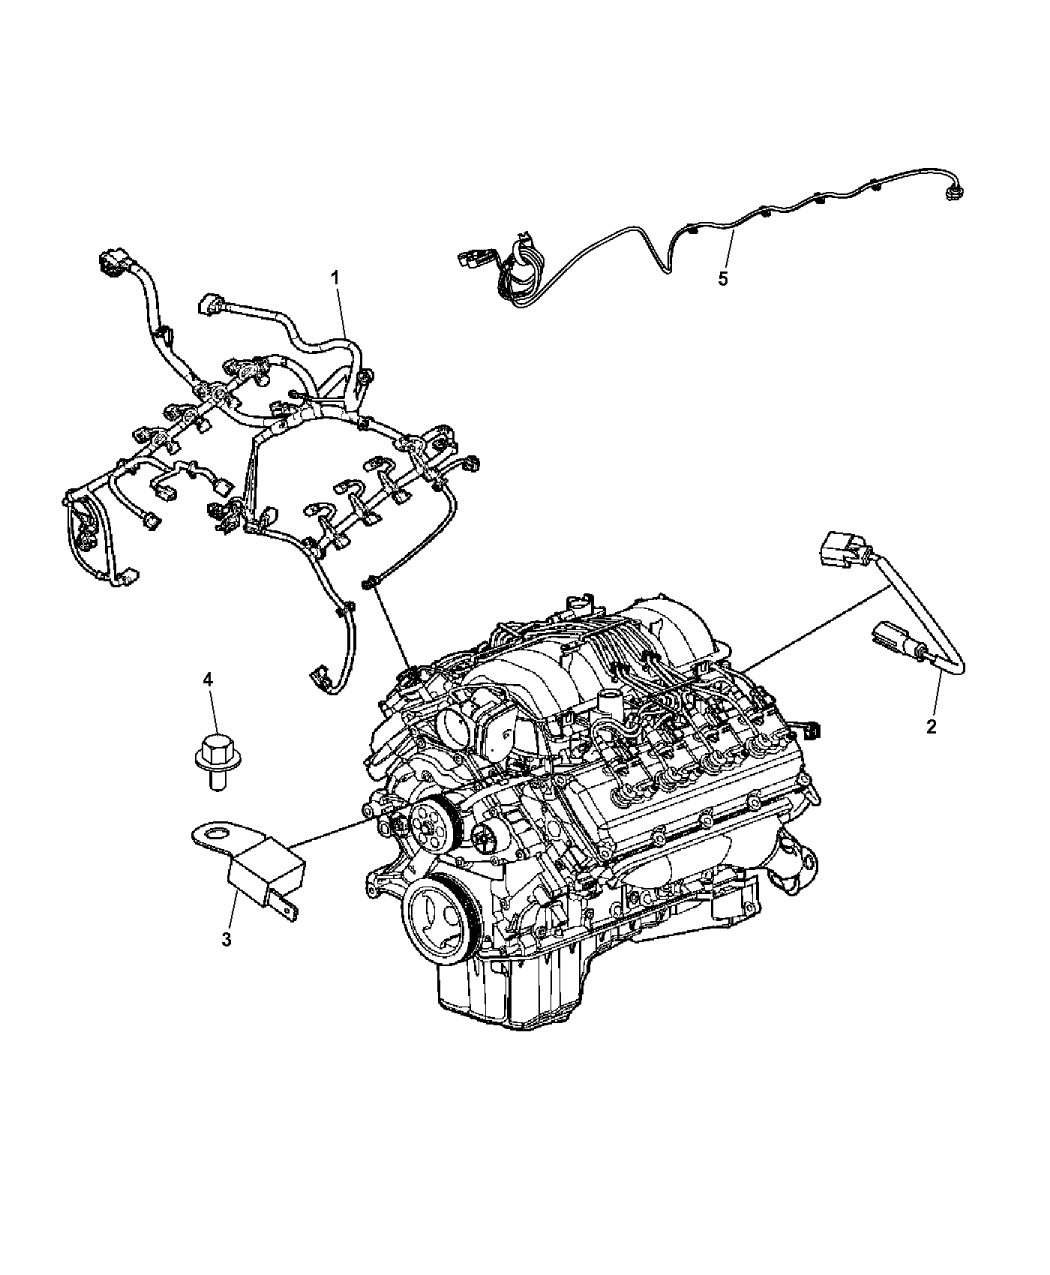 68273349ab Genuine Mopar Wiring Engine